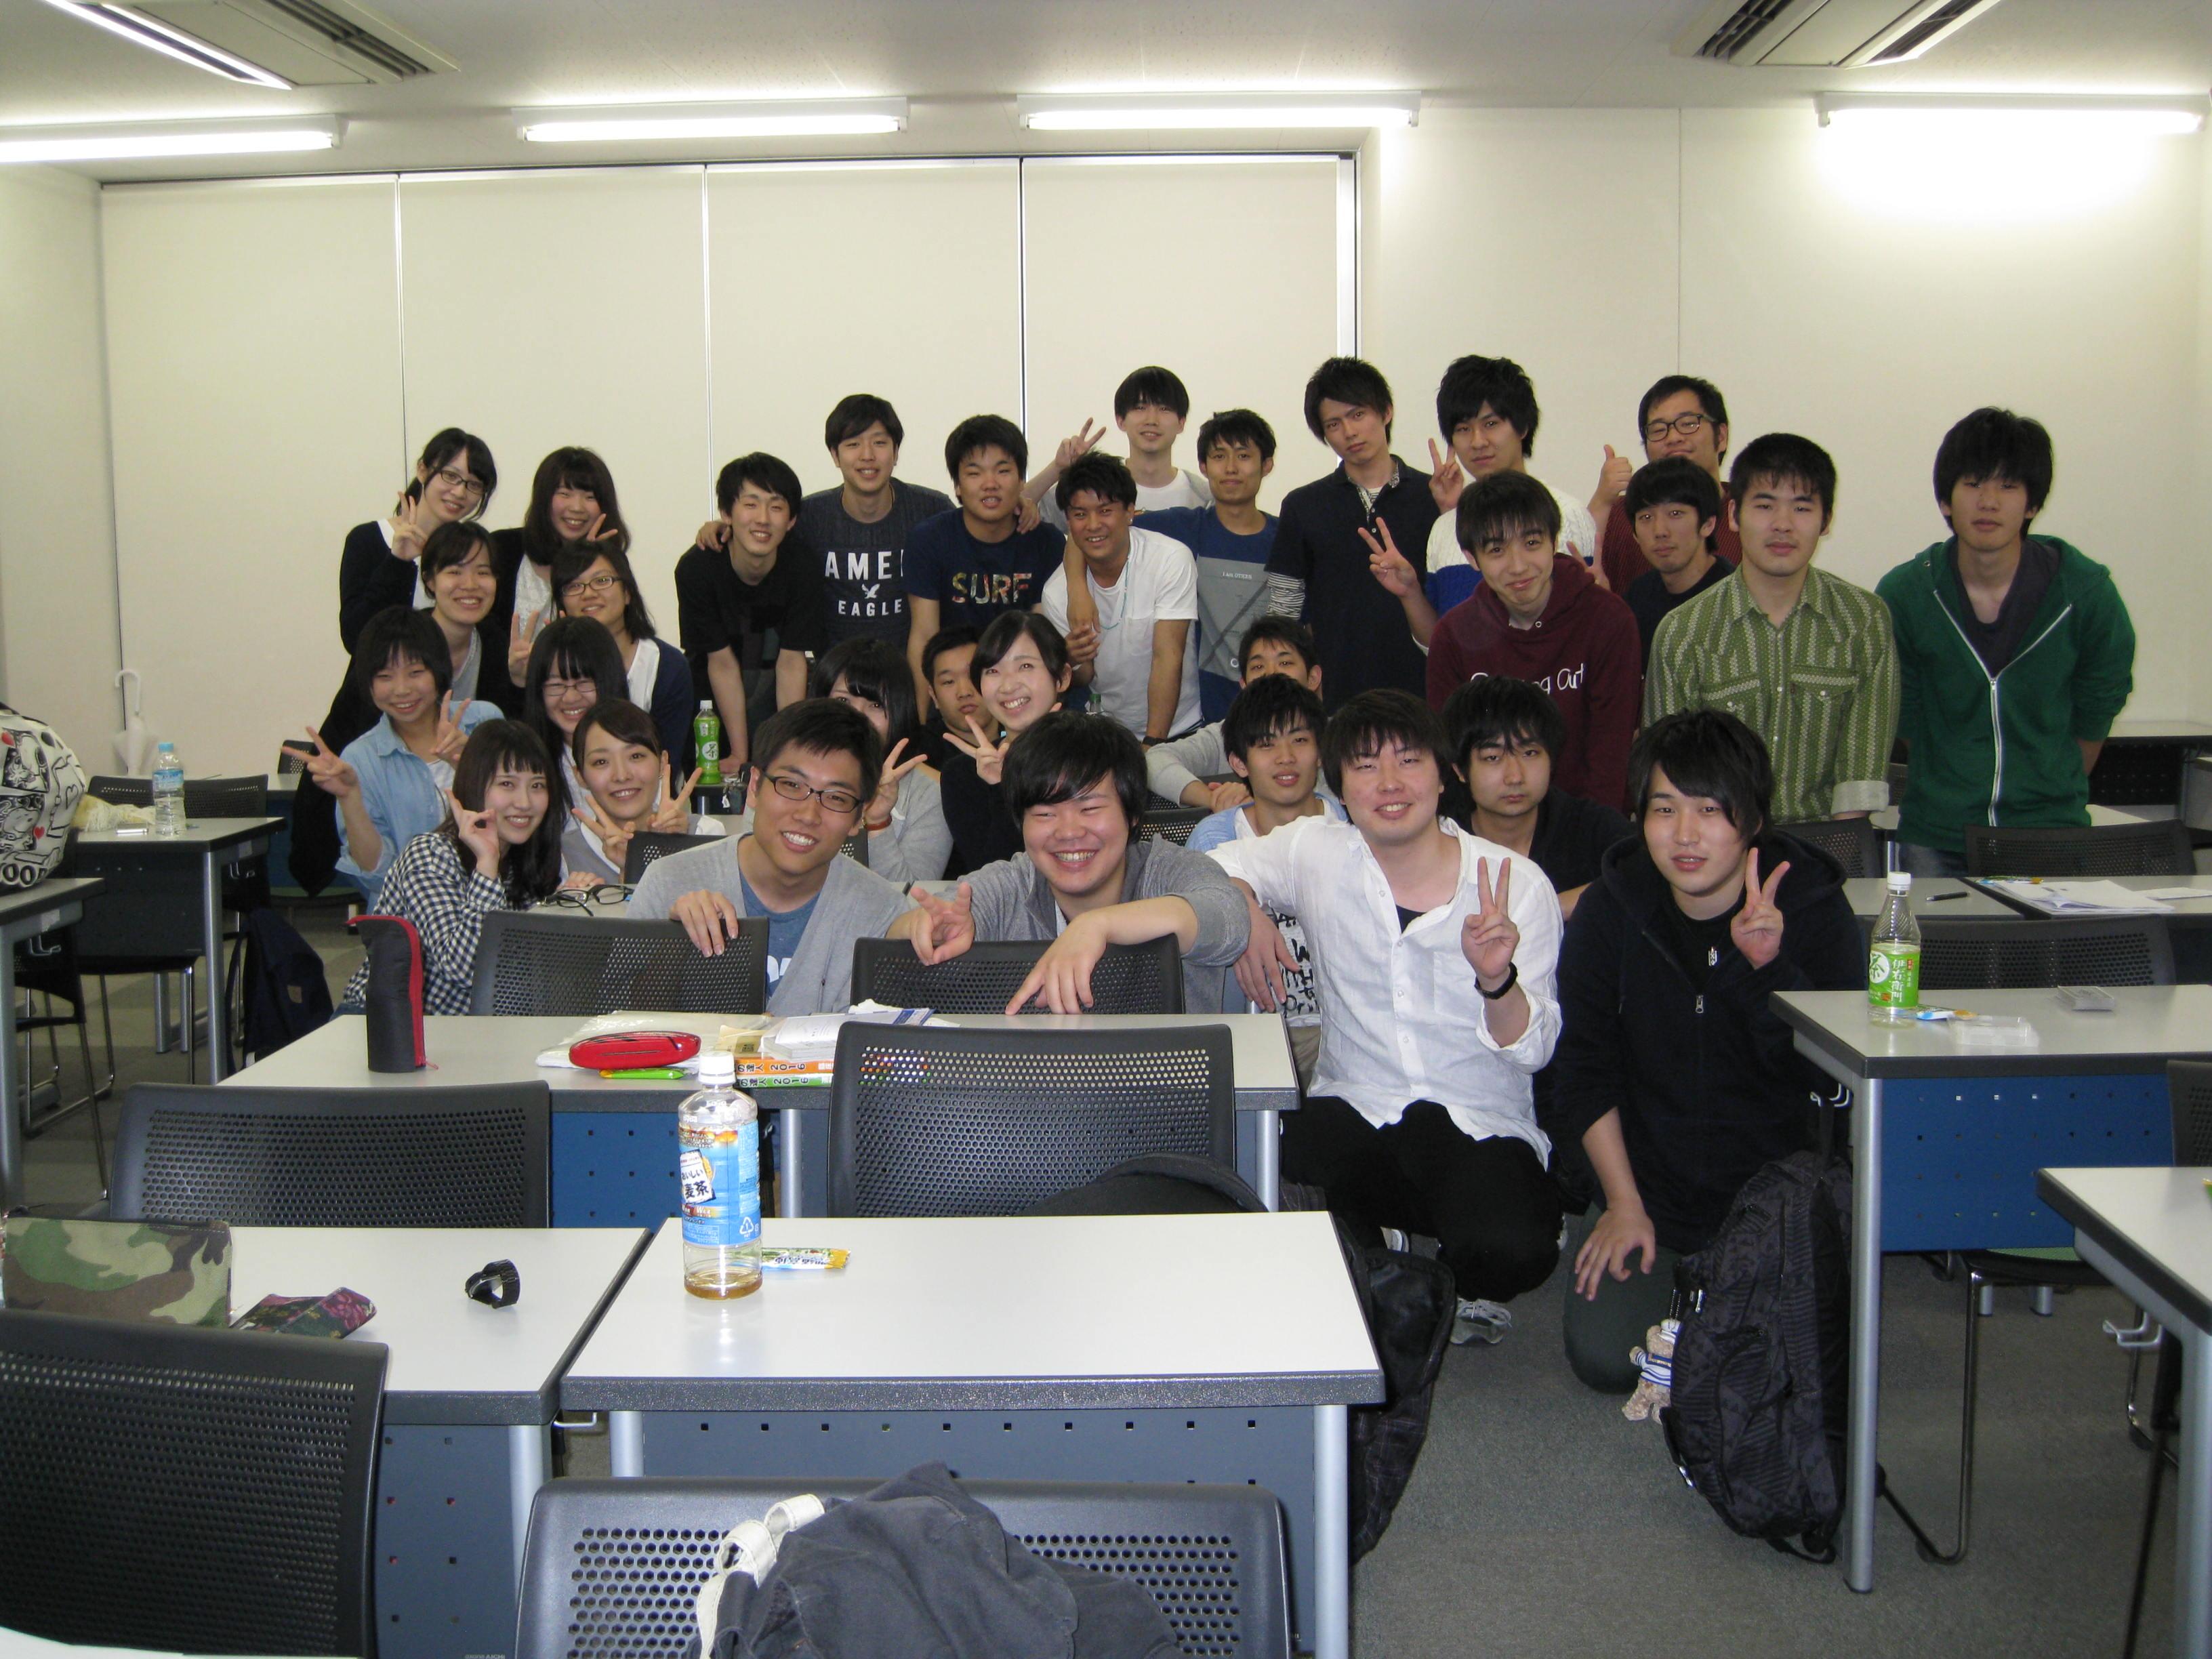 帝京科学大学 4年生の1期目実習終了 #00